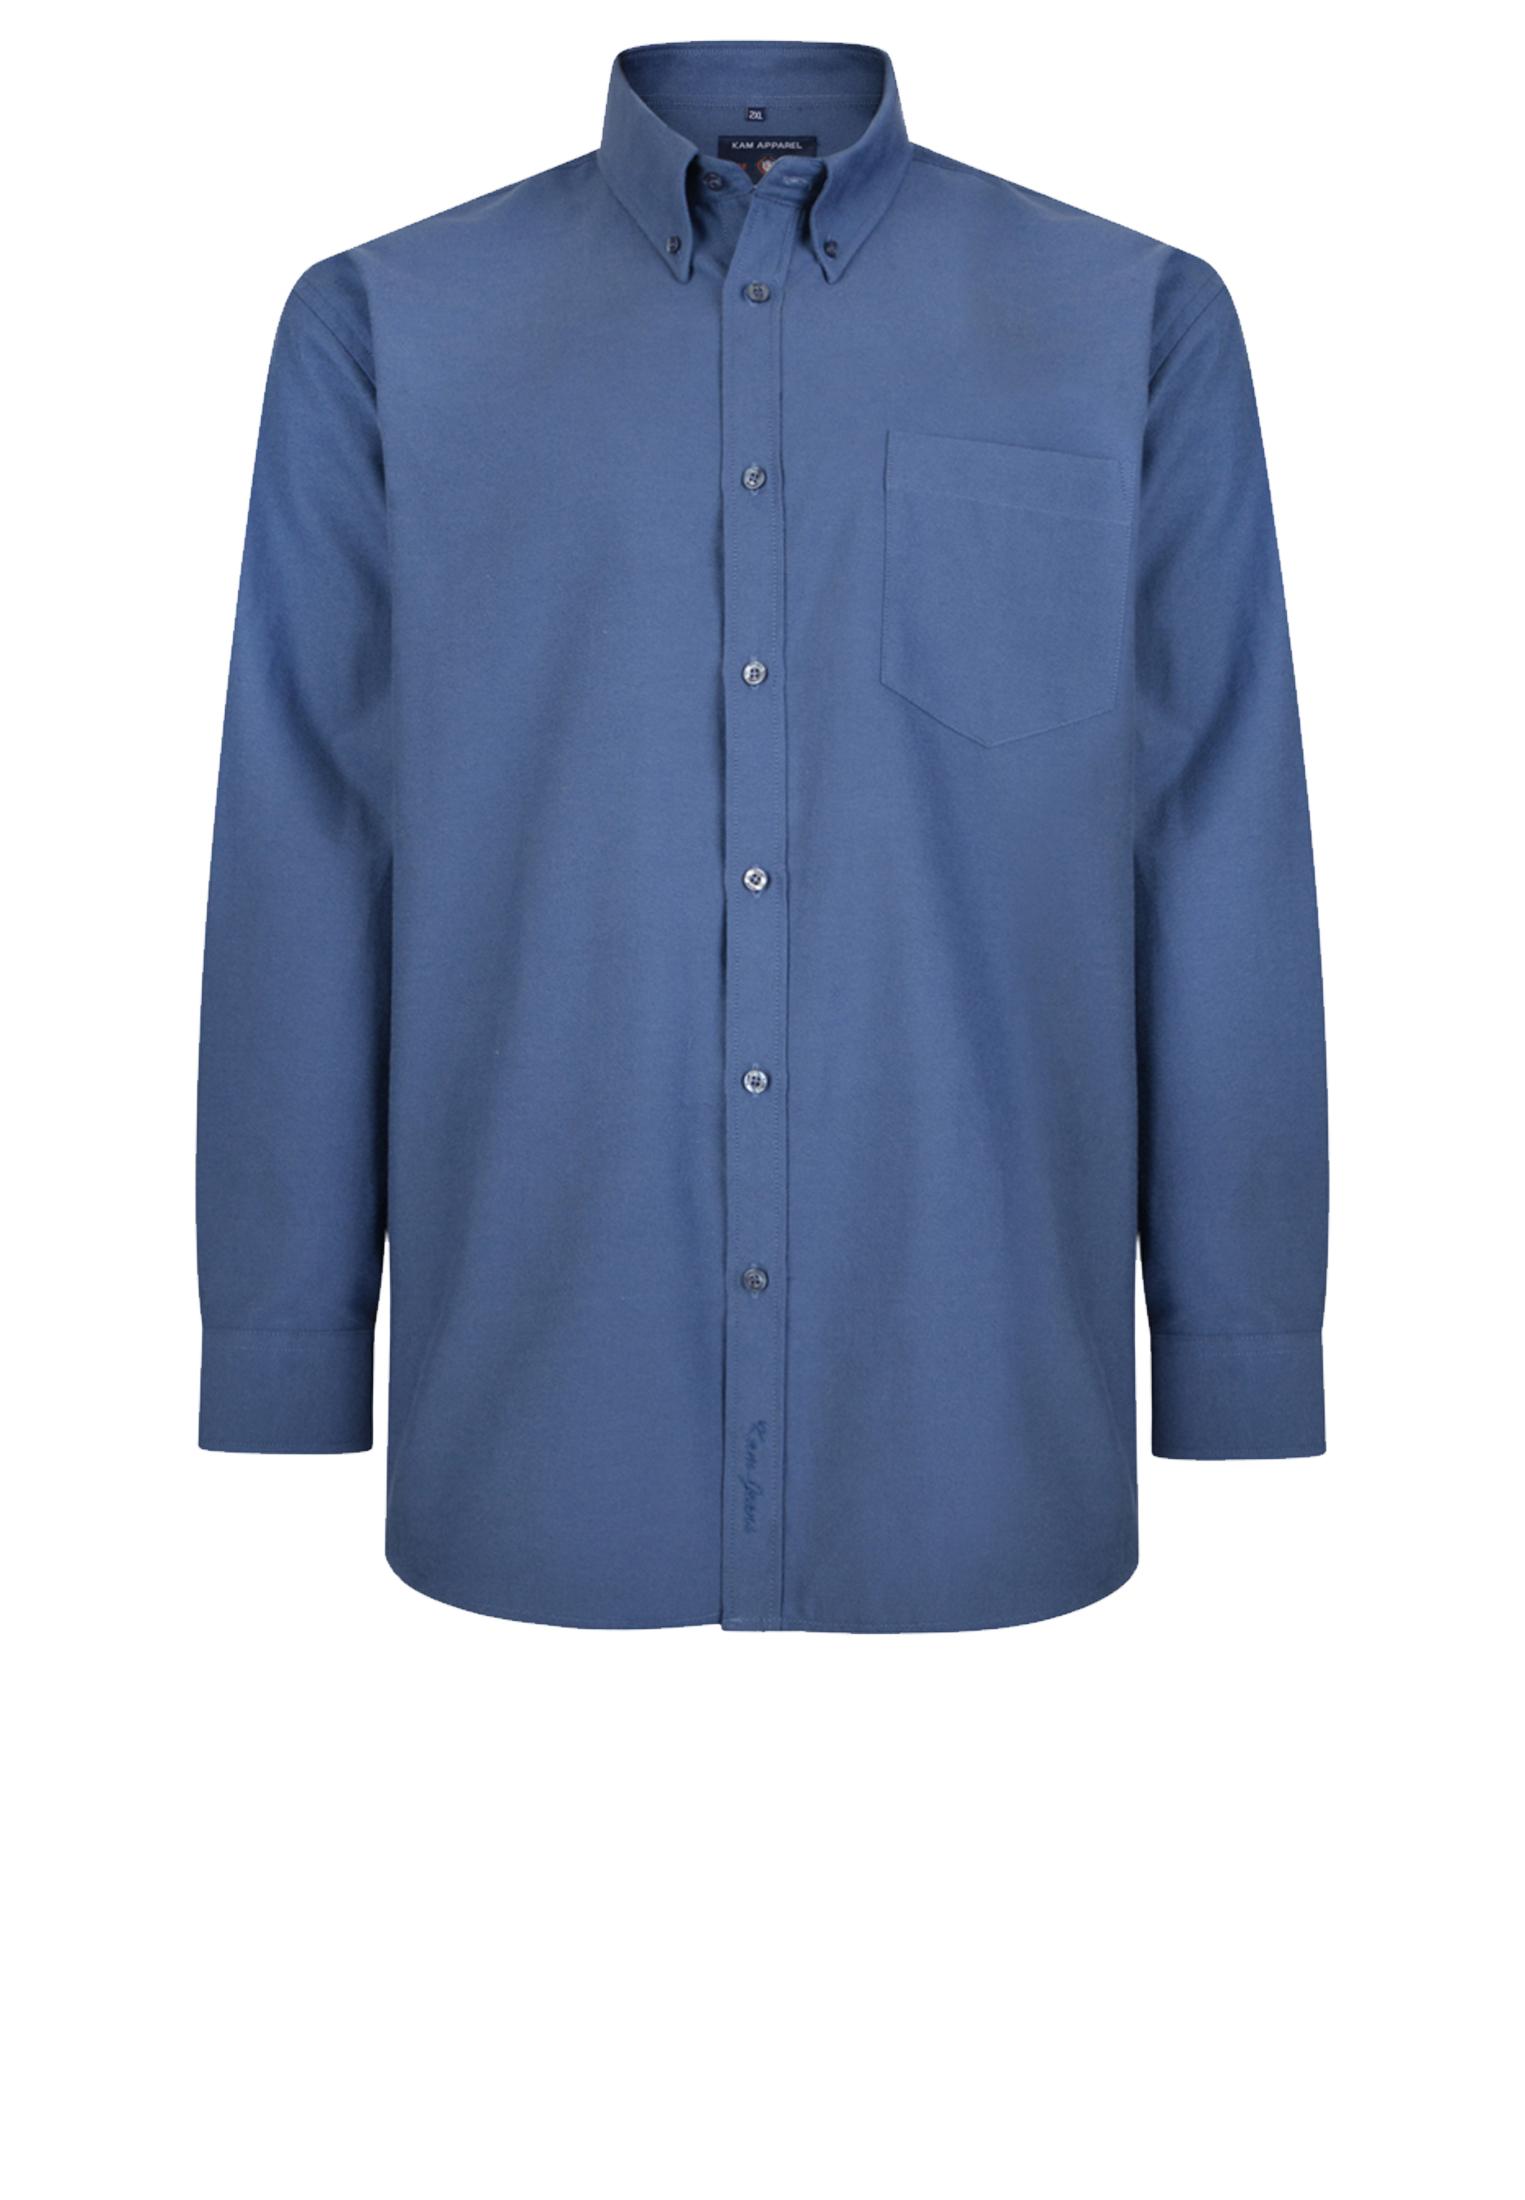 Tijdloos overhemd met lange mouw van het merk KAM JEANSWEAR met een open borstzakje,button down kraag. Het overhemd is rond afgezoomd.